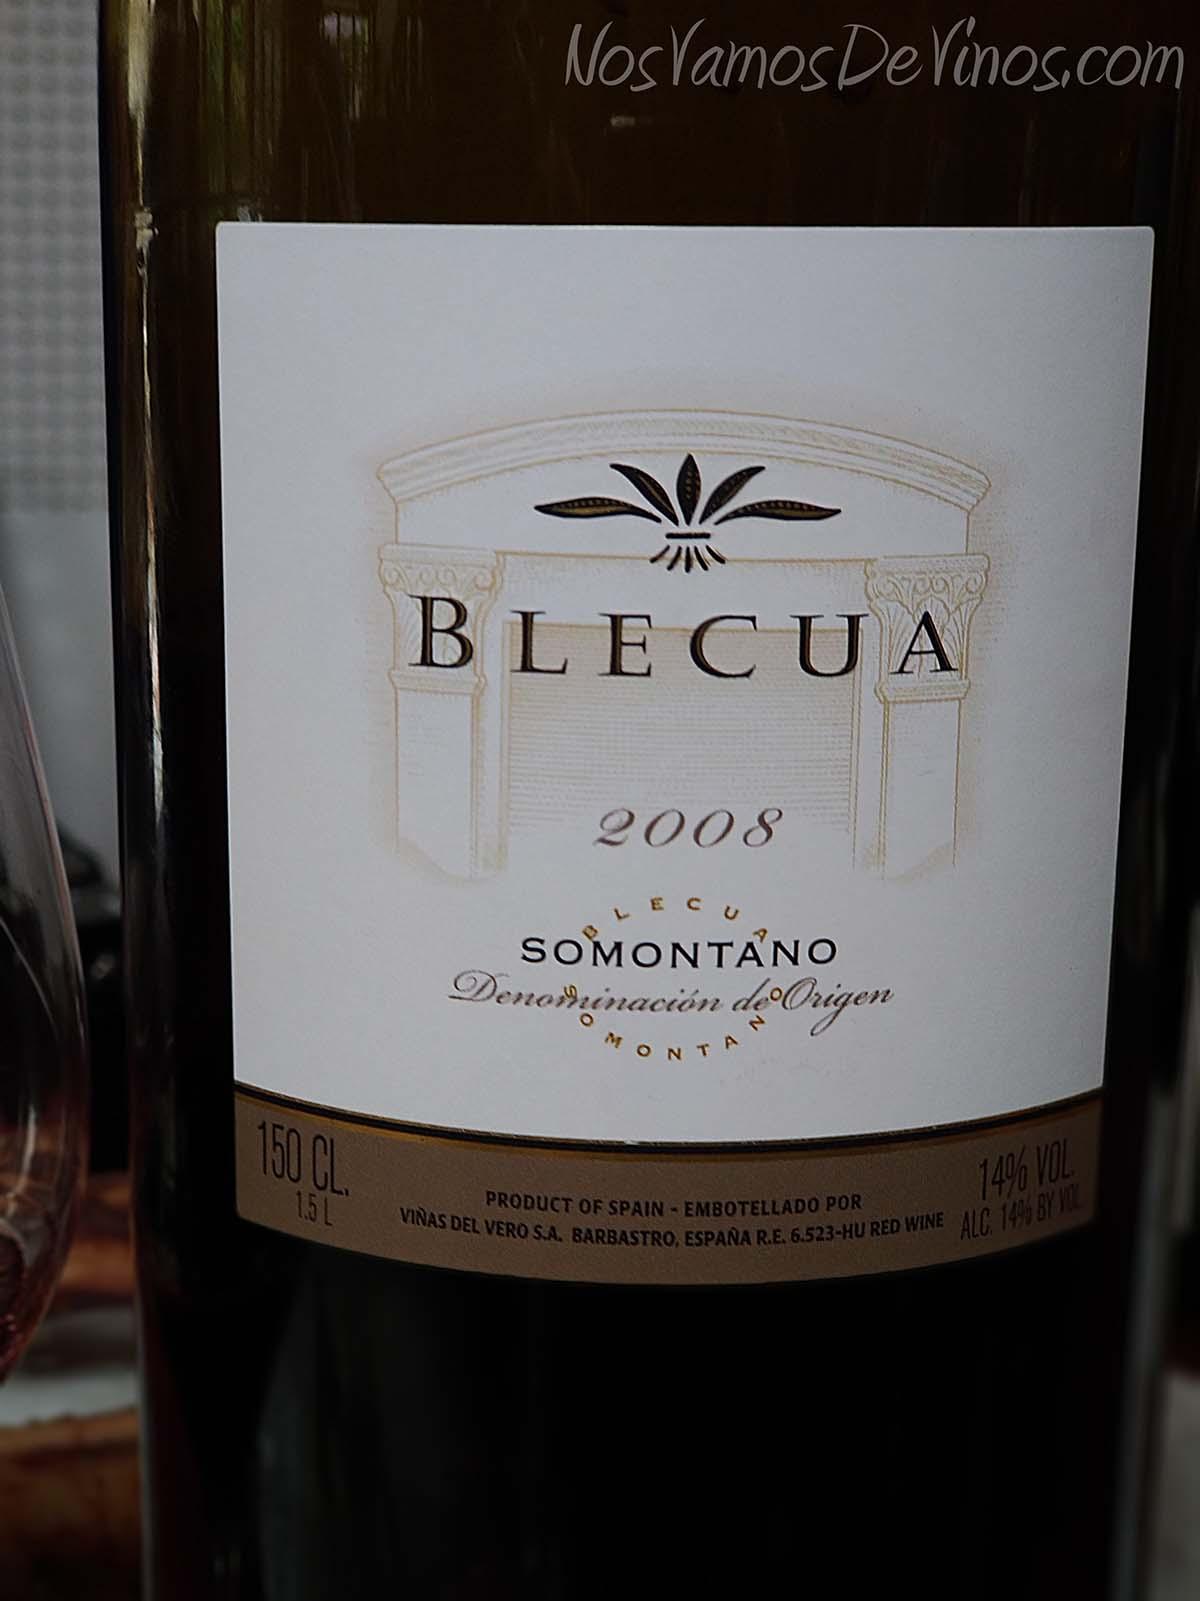 Blecua 2008 Somontano Detalle Etiqueta